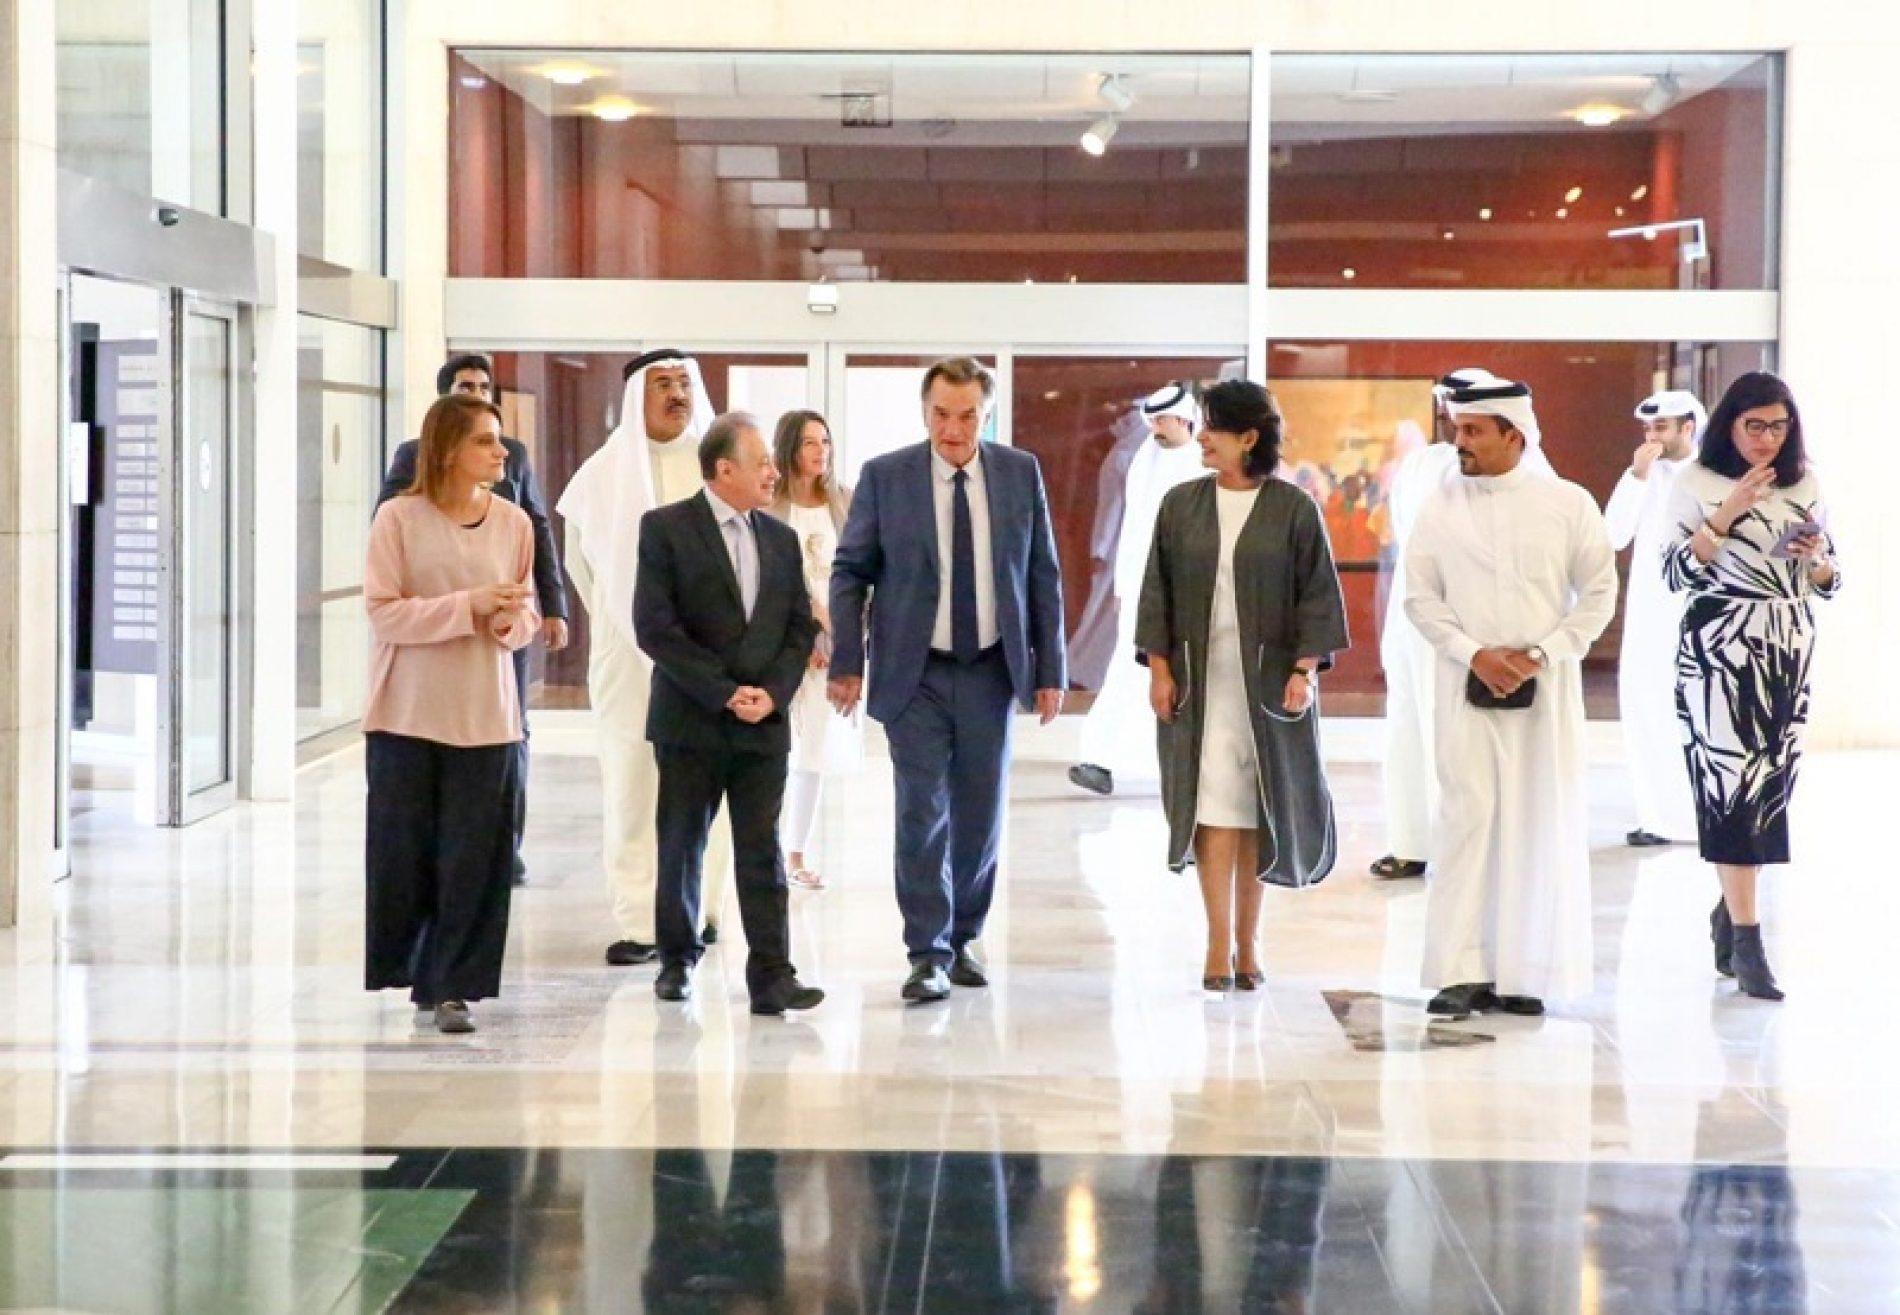 Govor Silajdžića na velikoj međunarodnoj konferenciji u Bahreinu